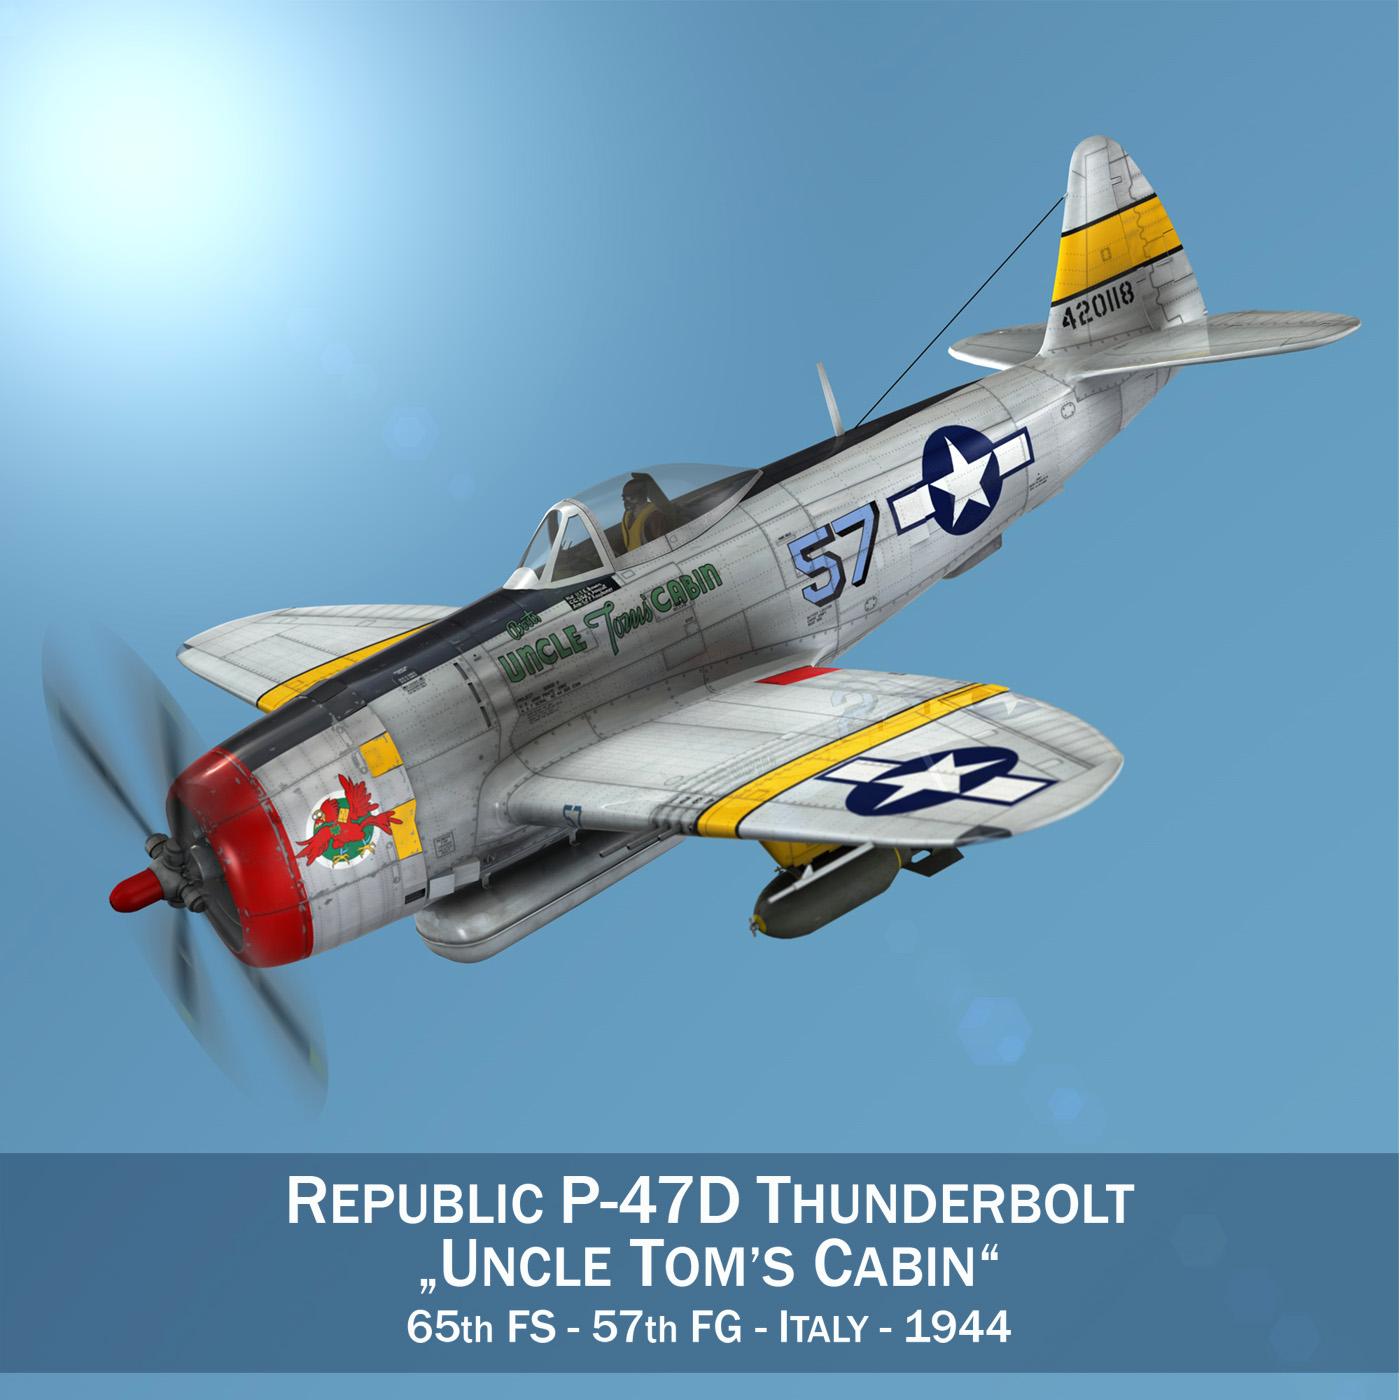 republic p-47d thunderbolt – uncle toms cabin 3d model 3ds c4d fbx lwo lw lws obj 266145